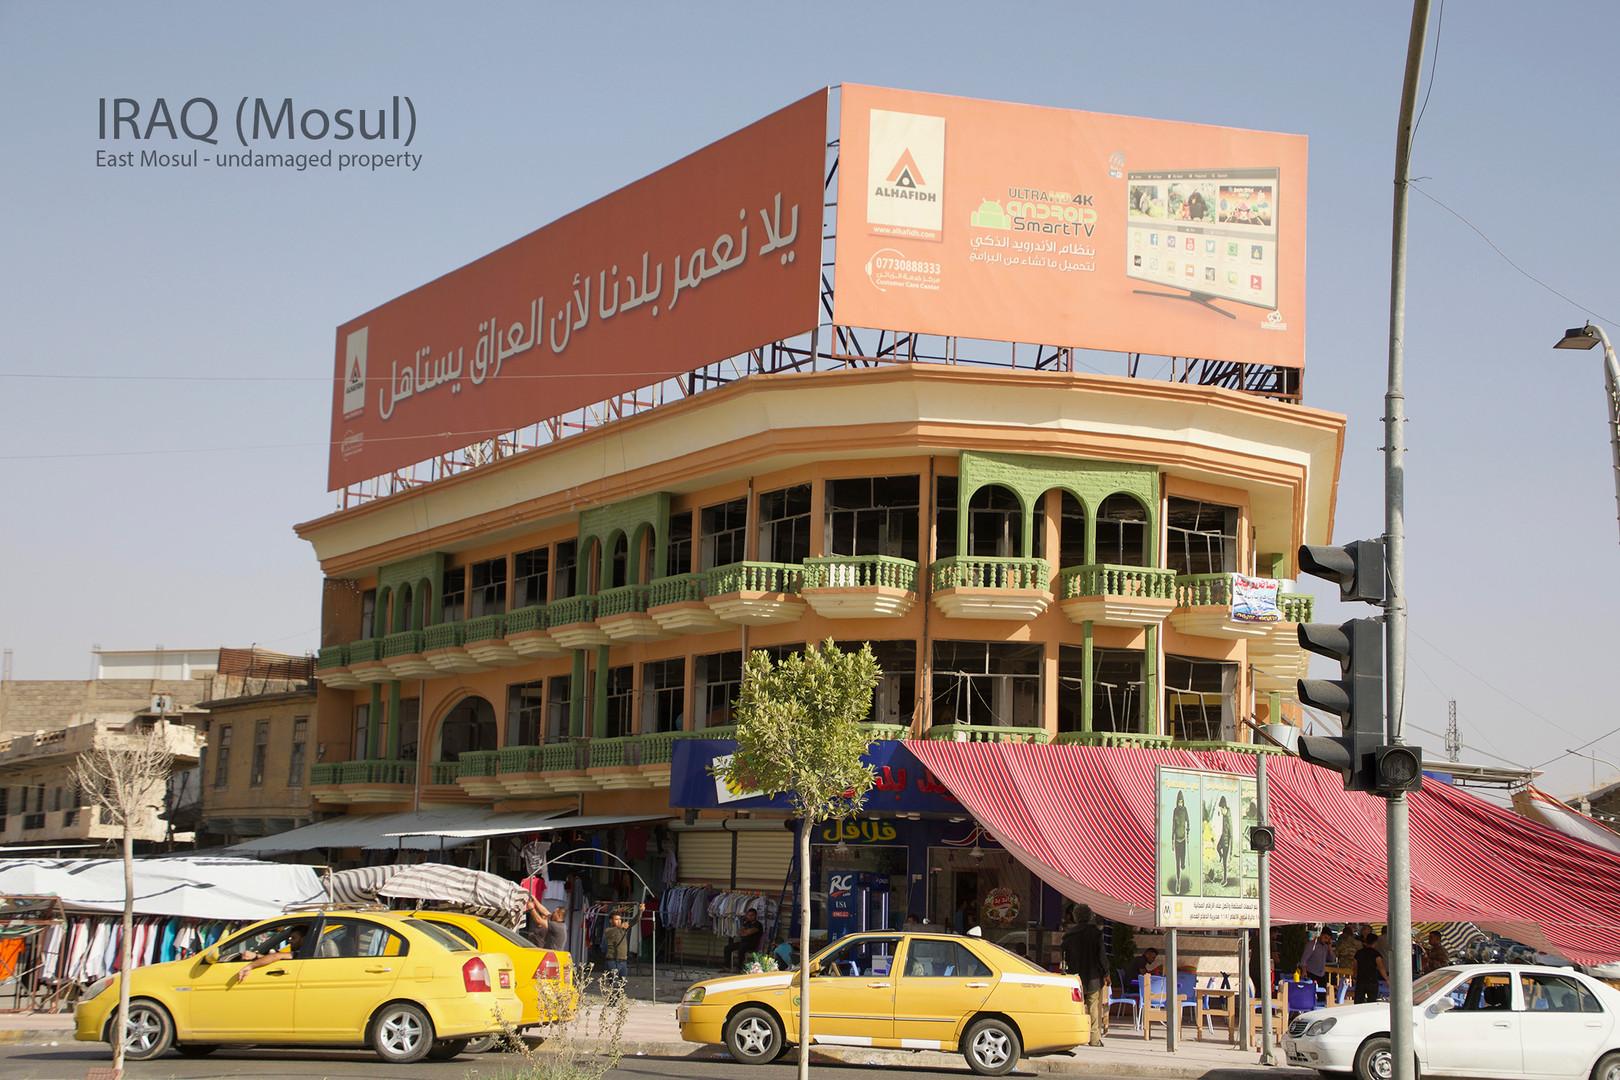 2019-07-22 Iraq - Mosul 41 (POW) 452A801